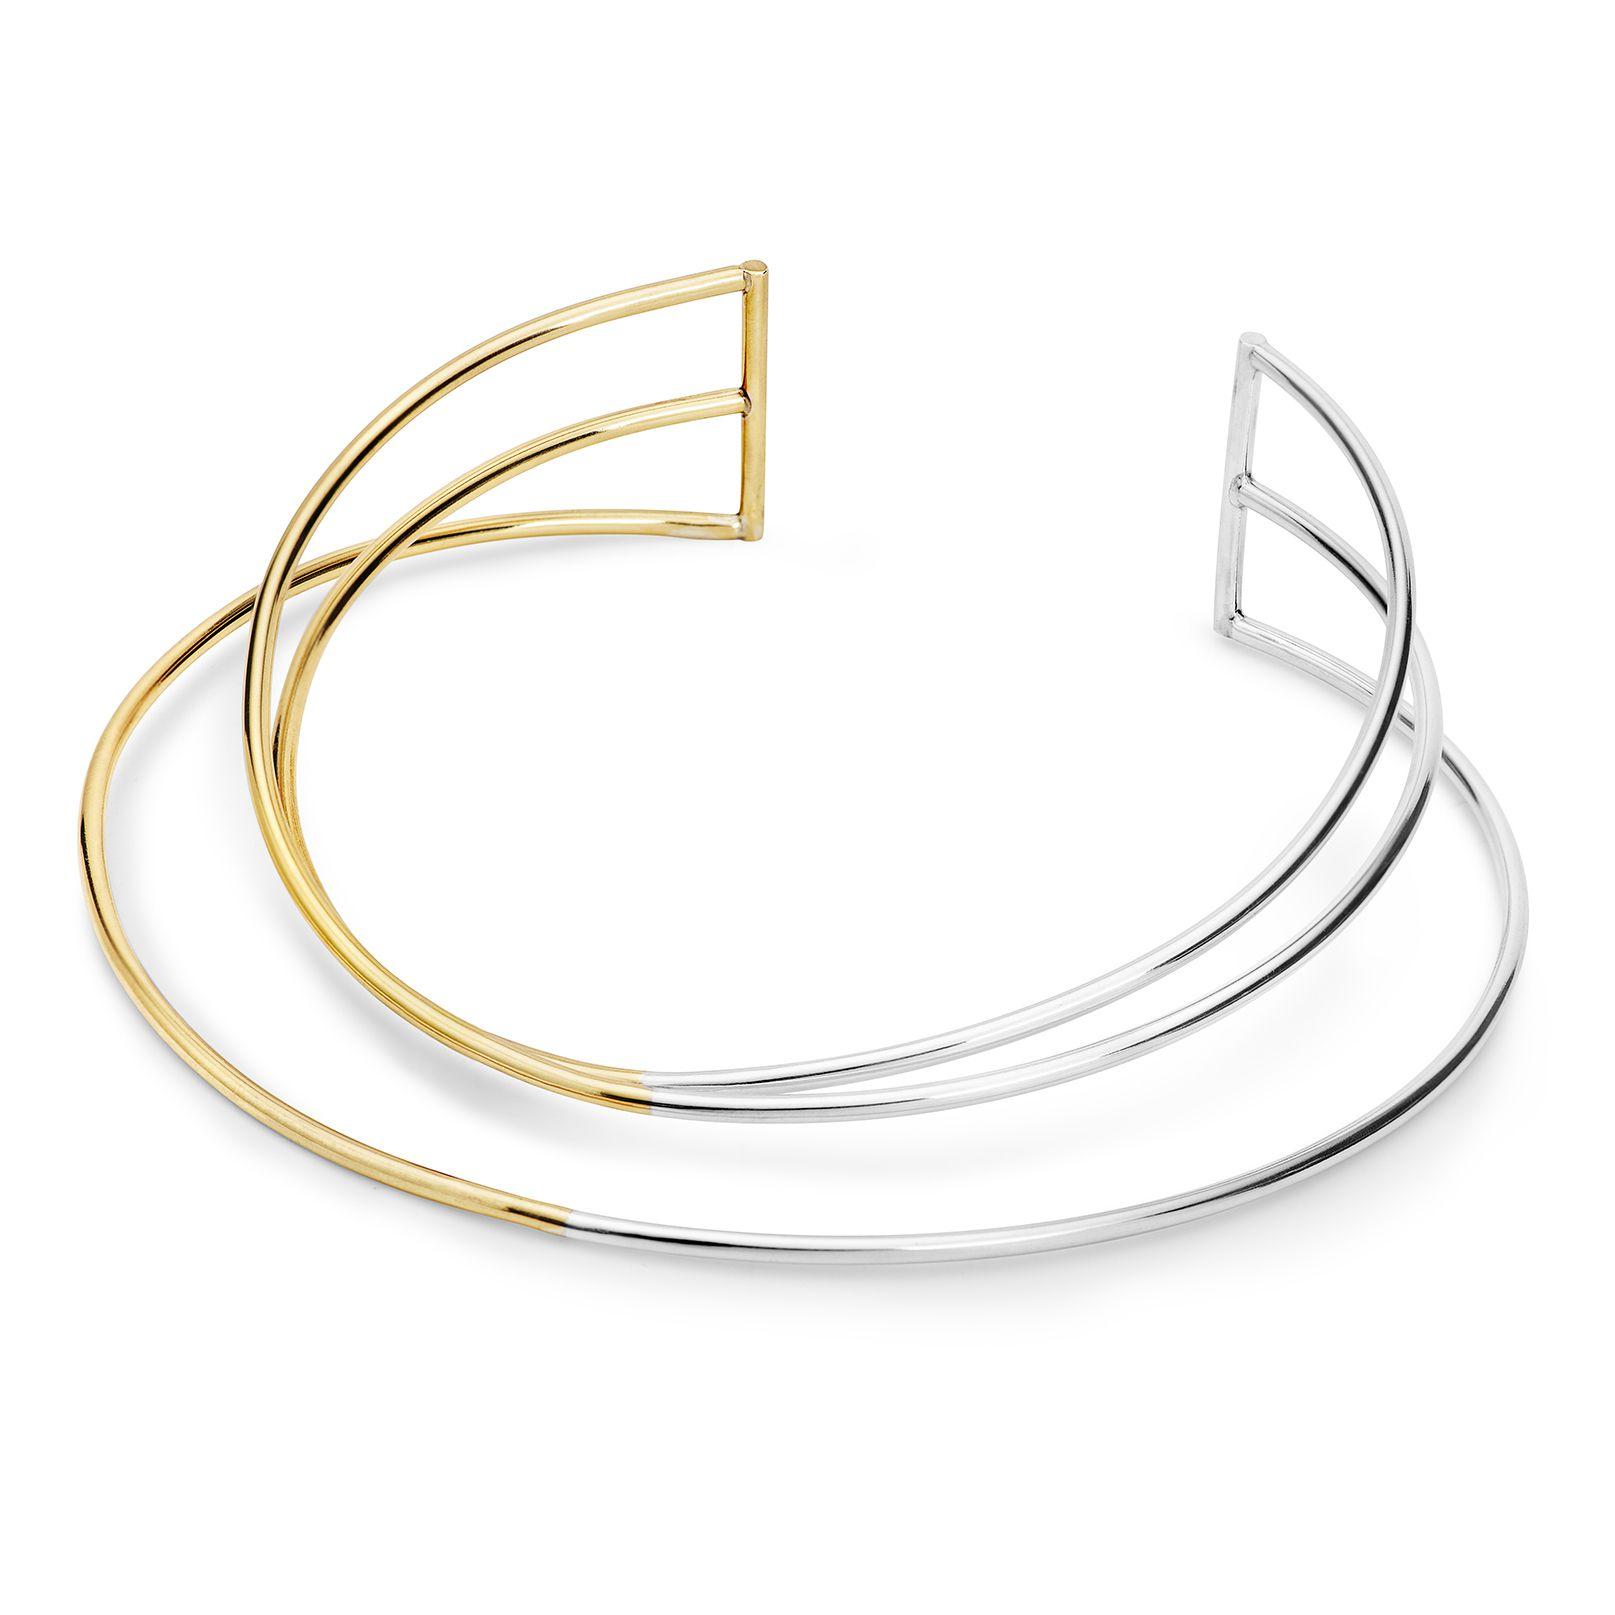 Collana multifilo 3 elementi 'Neon' collana in argento e bronzo